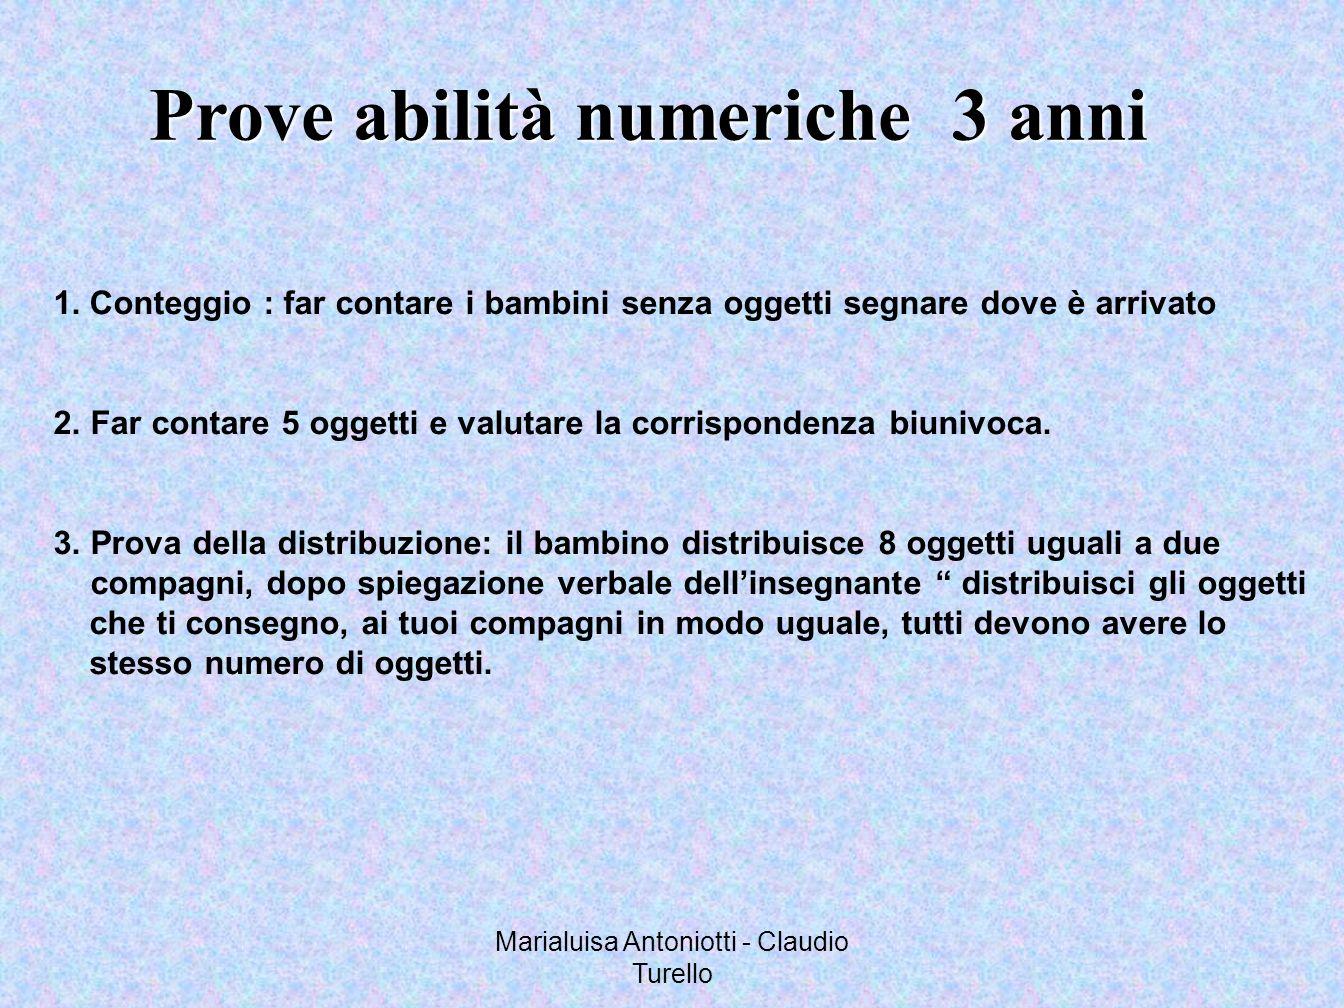 Marialuisa Antoniotti - Claudio Turello Prove abilità numeriche 3 anni 1.Conteggio : far contare i bambini senza oggetti segnare dove è arrivato 2. Fa